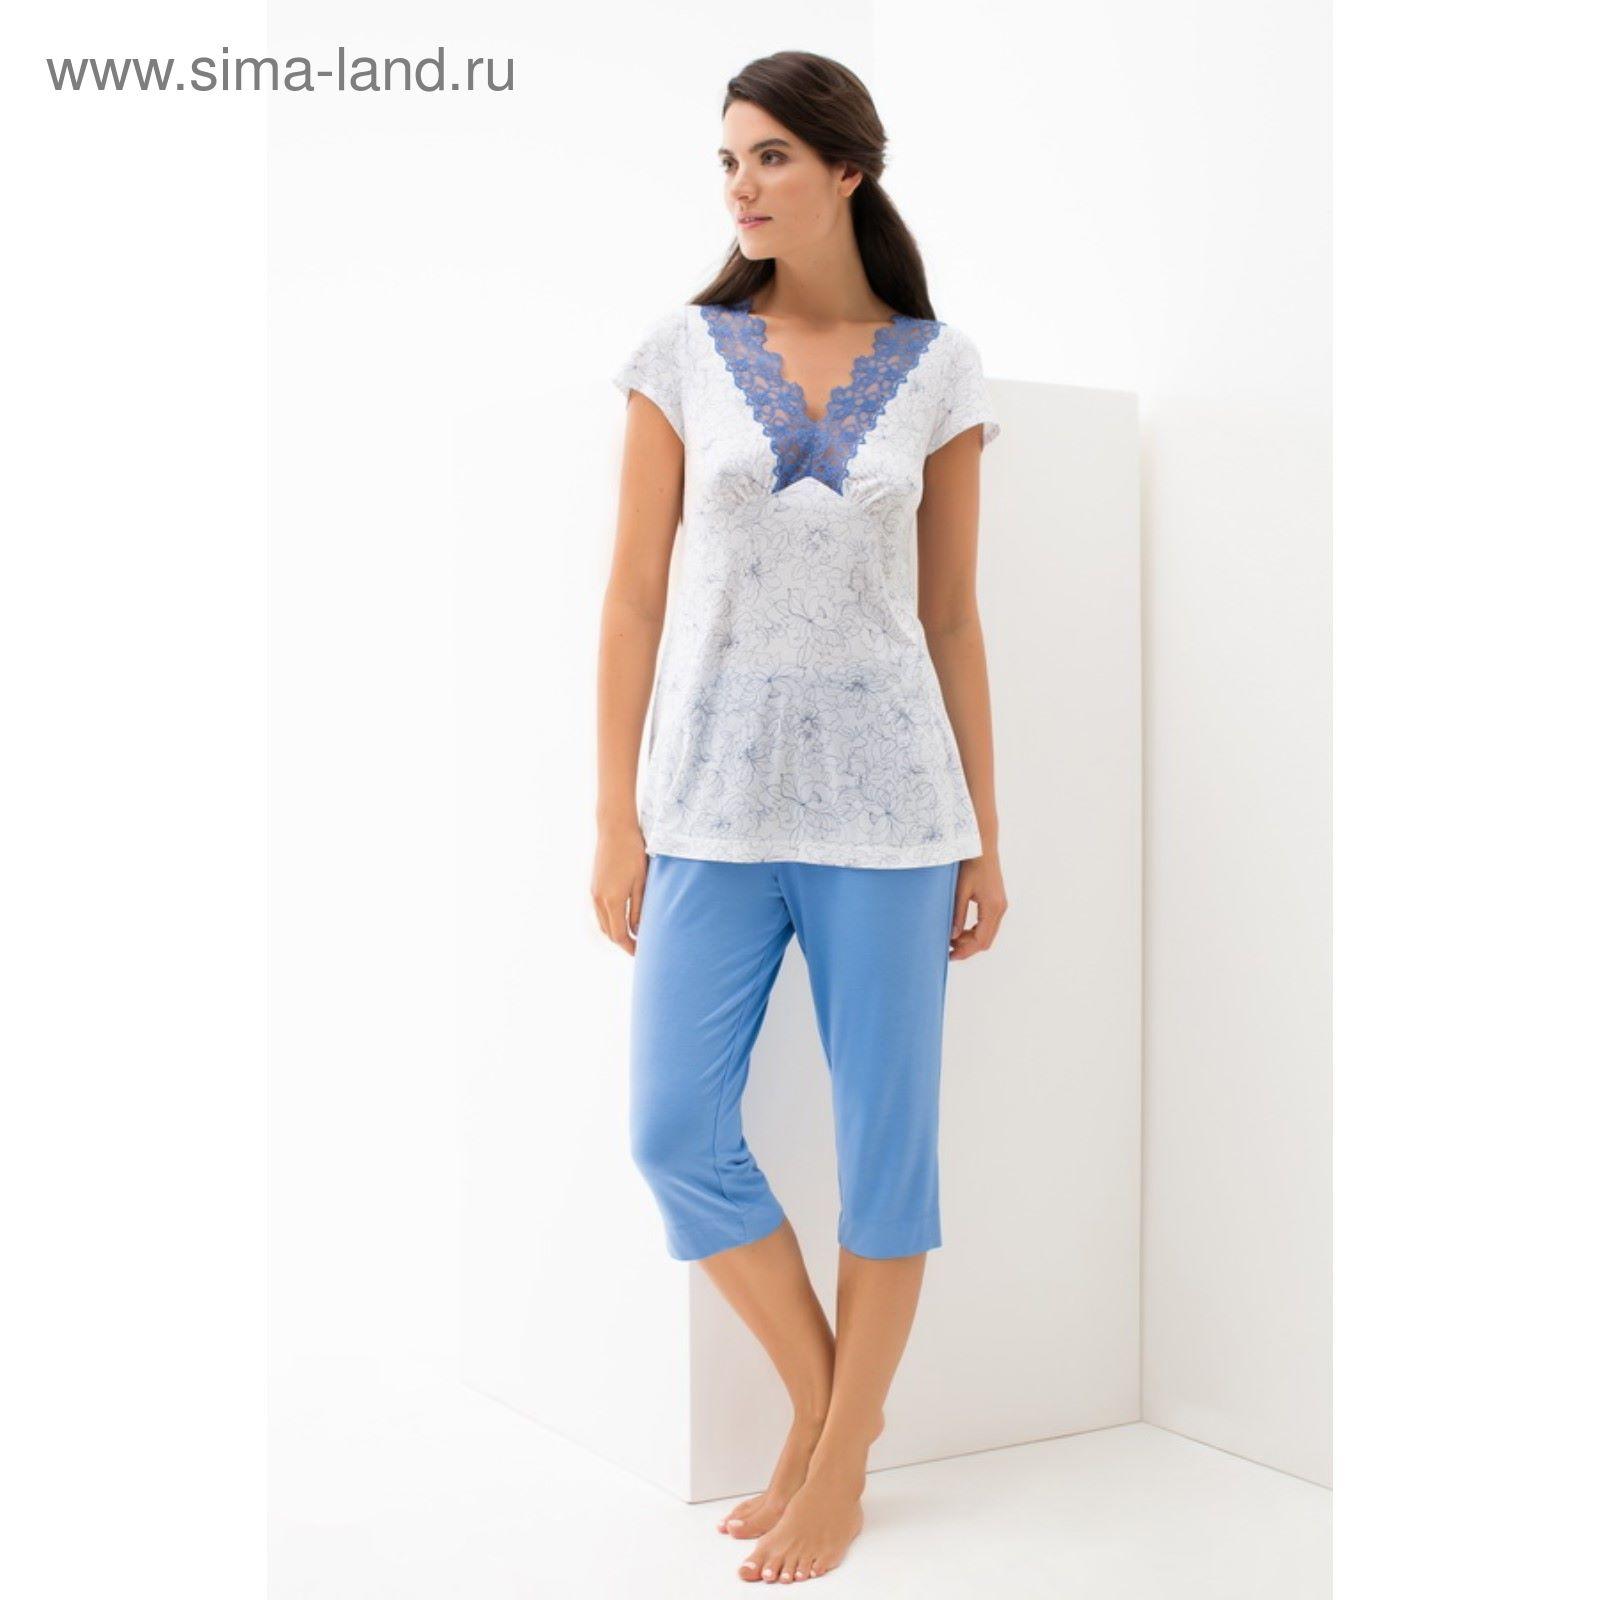 df6daa66ec23 Комплект (туника+бриджи) женский, размер 2XL (52), цвет белый 56223 ...